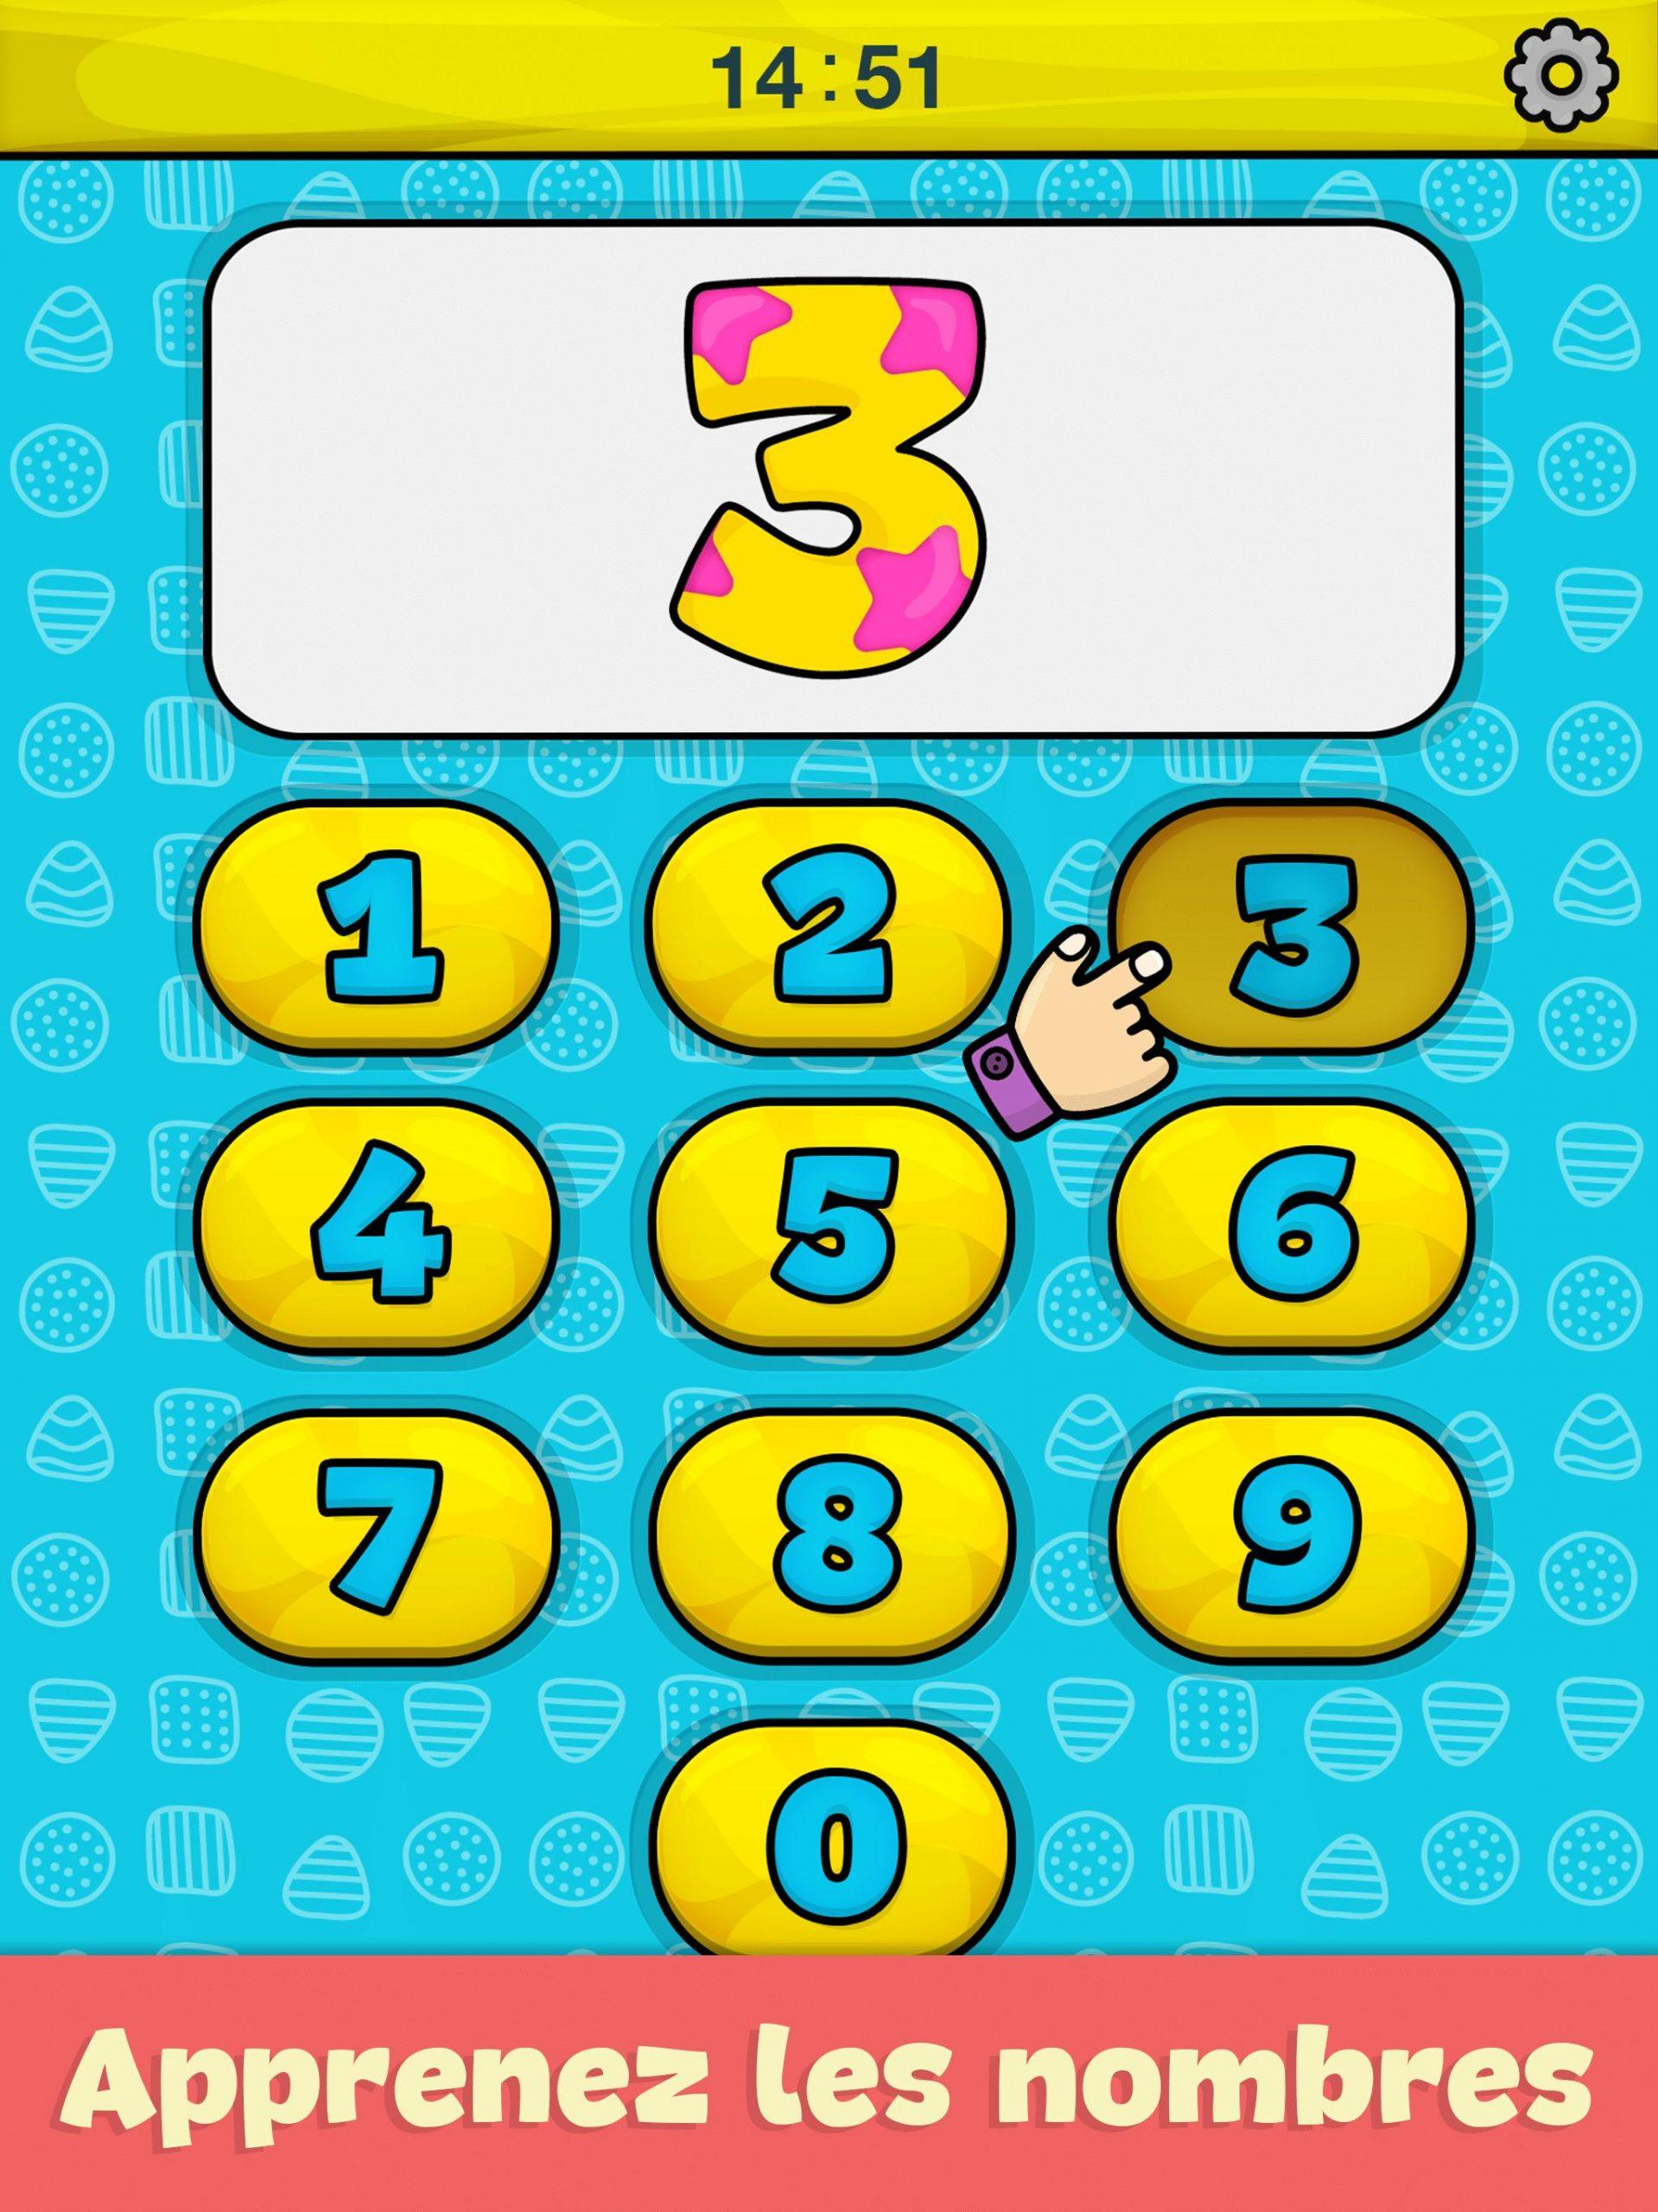 Téléphone Bébé – Jeu Éducatif Pour Enfant Pour Android à Jeux Educatif Gratuit Pour Fille De 5 Ans